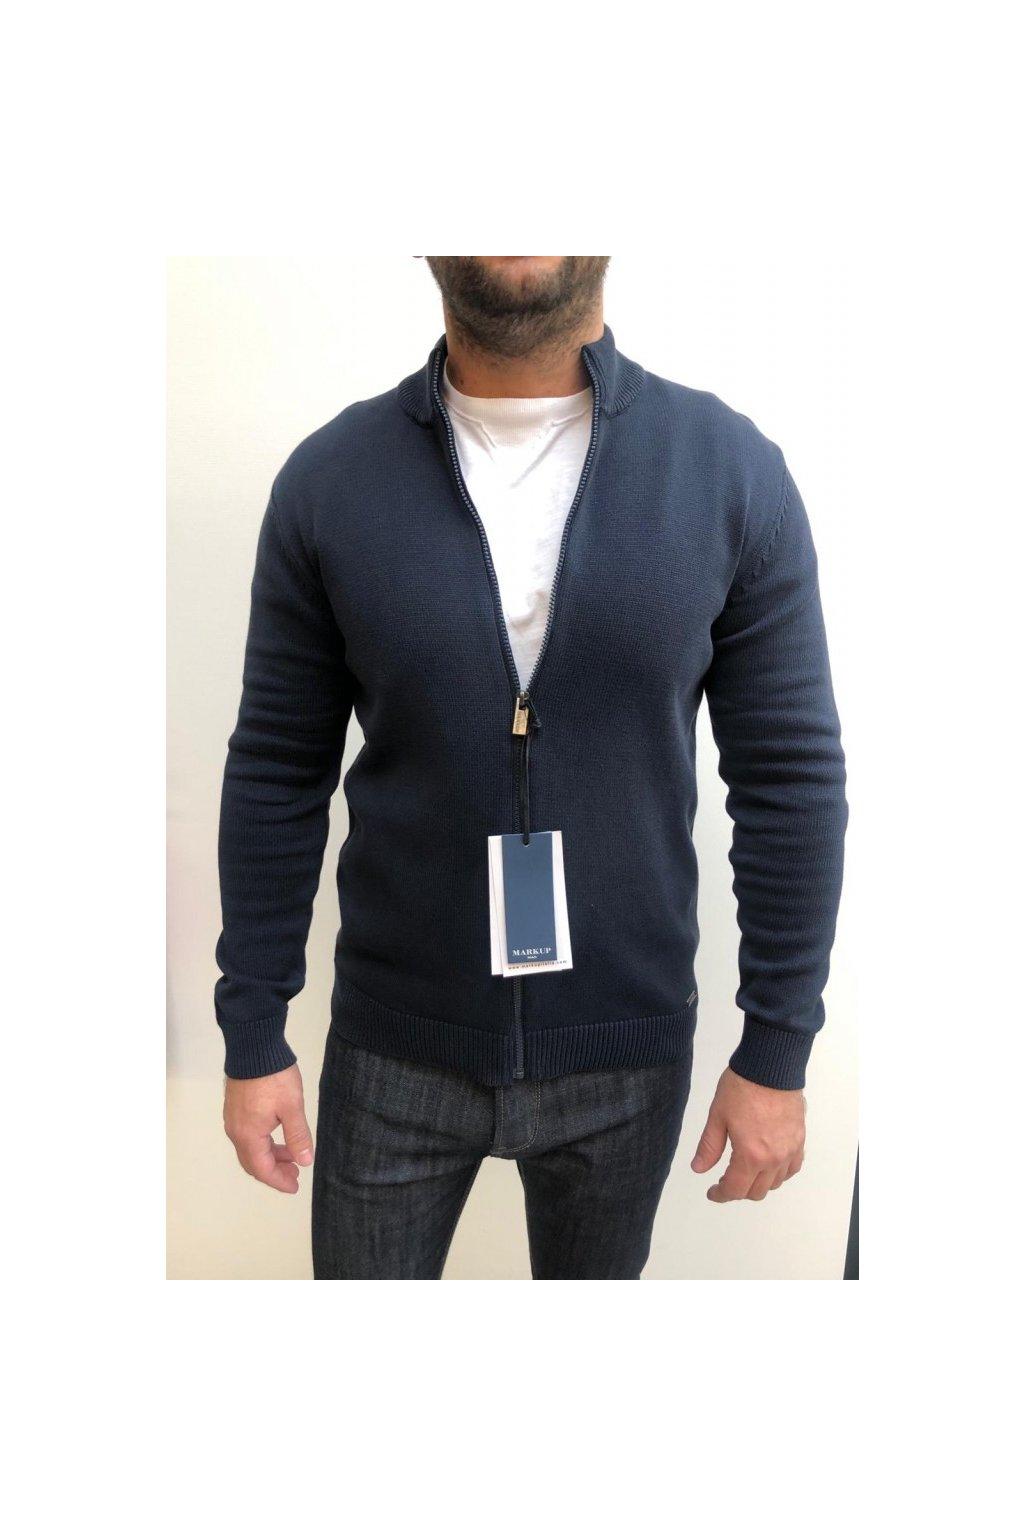 MARKUP svetr na zip - modrý (Velikost Velikost XXXL)